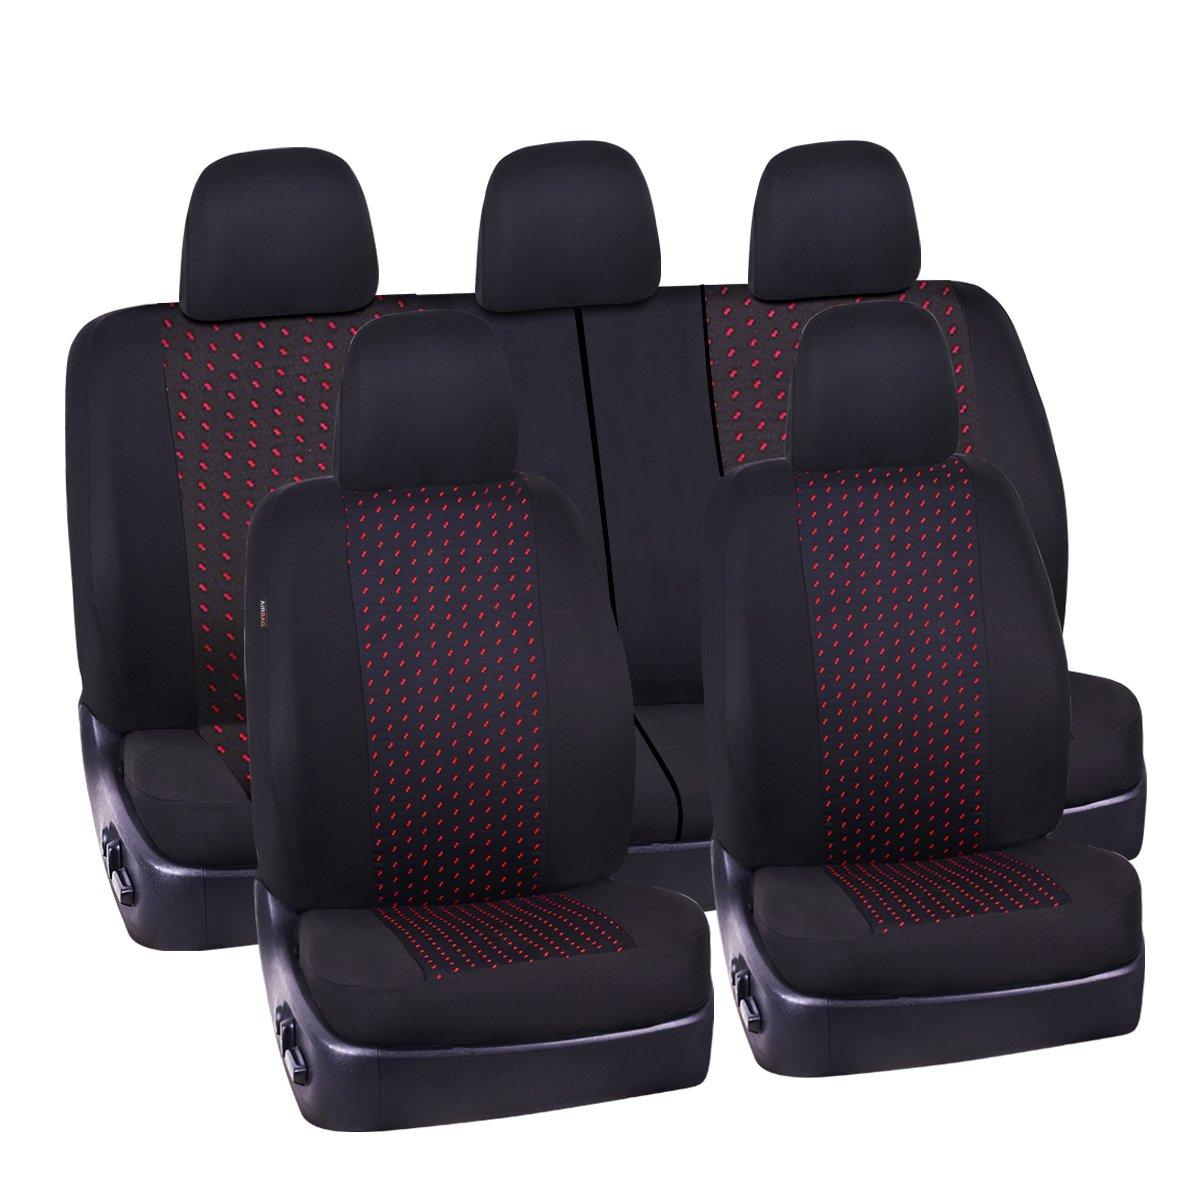 CAR PASS シートカバー11点セット 自動車用最高級シートカバー 一般車SUV用ユニバーサル型 ブラックとグレー 内側に5mmの合成スポンジ エアバッグ ブラック ZT-008 B01FDTVUSI ブラック&レッド ブラック&レッド